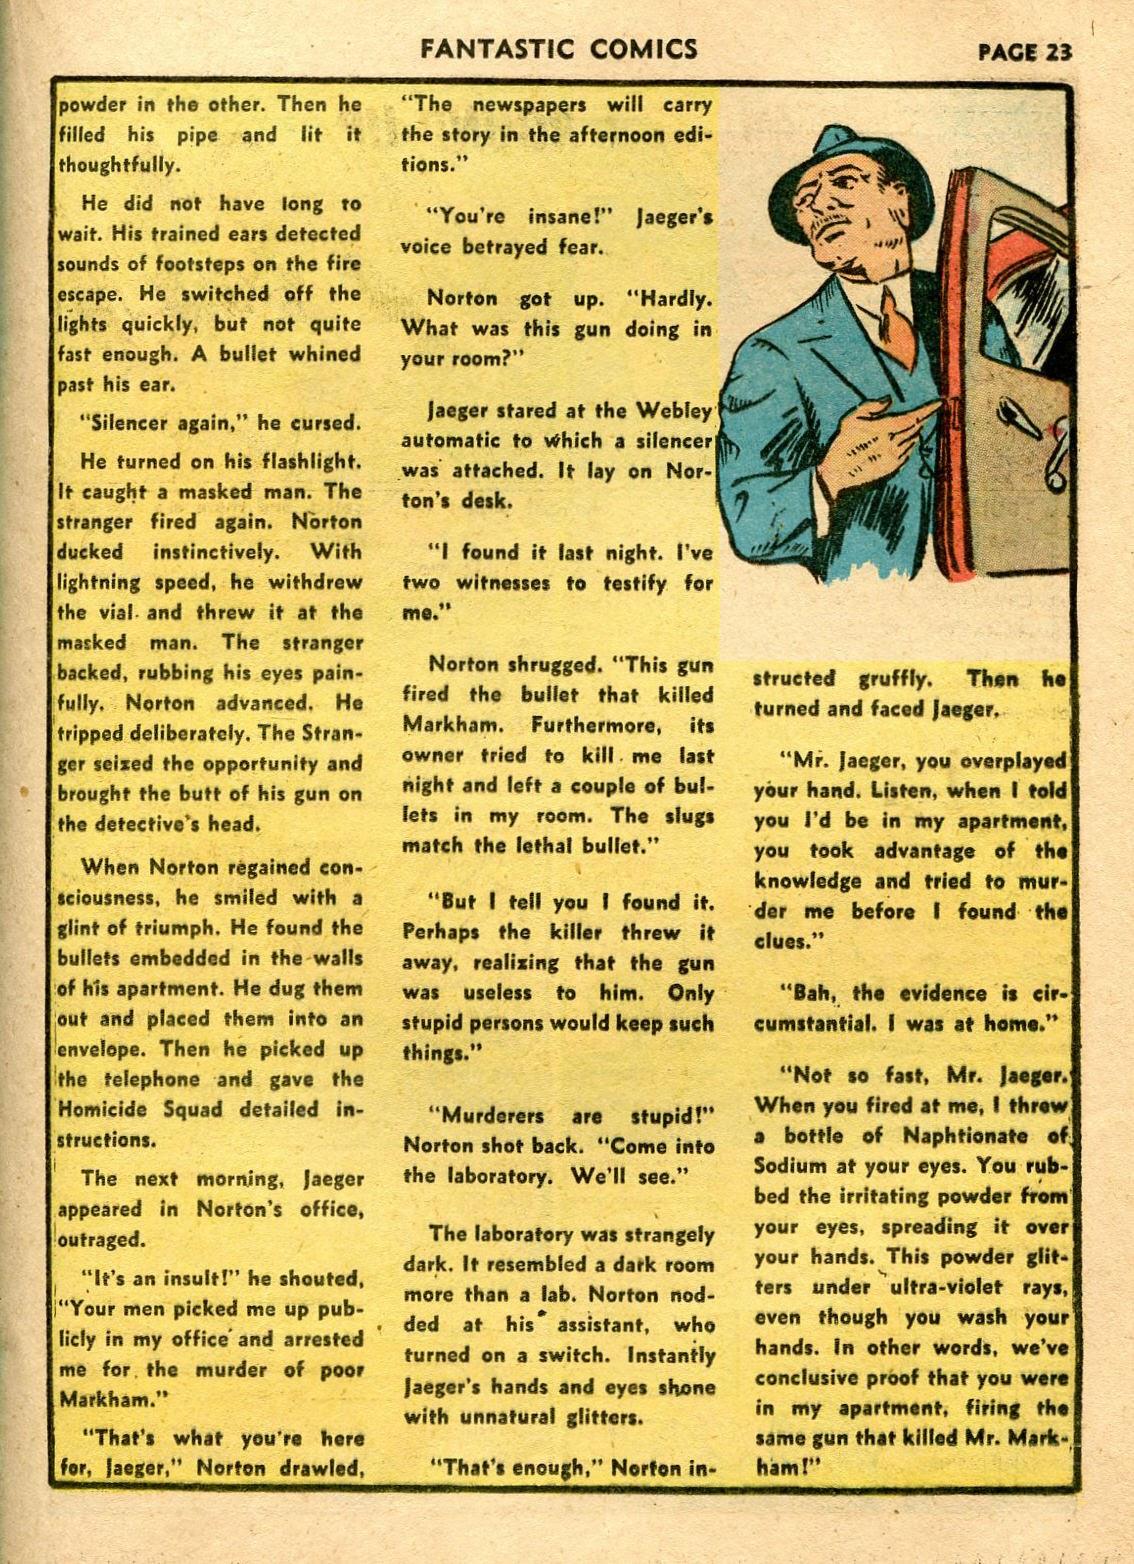 Read online Fantastic Comics comic -  Issue #21 - 25